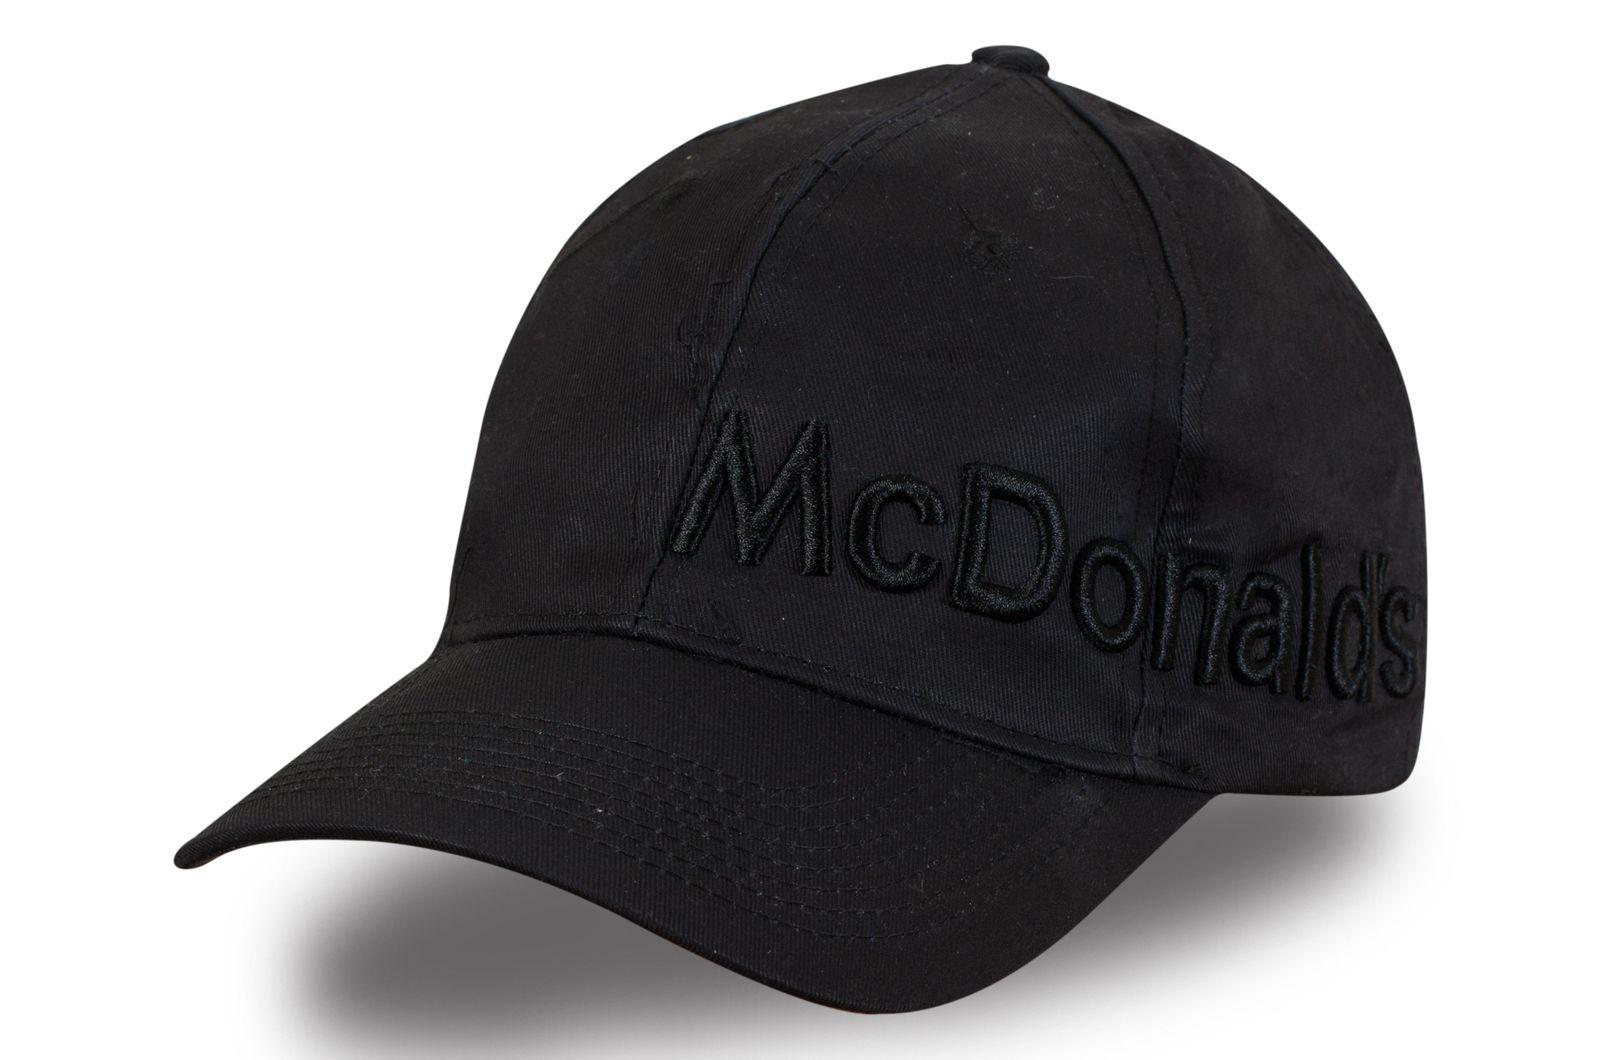 Чёрная бейсболка с надписью - заказать с доставкой